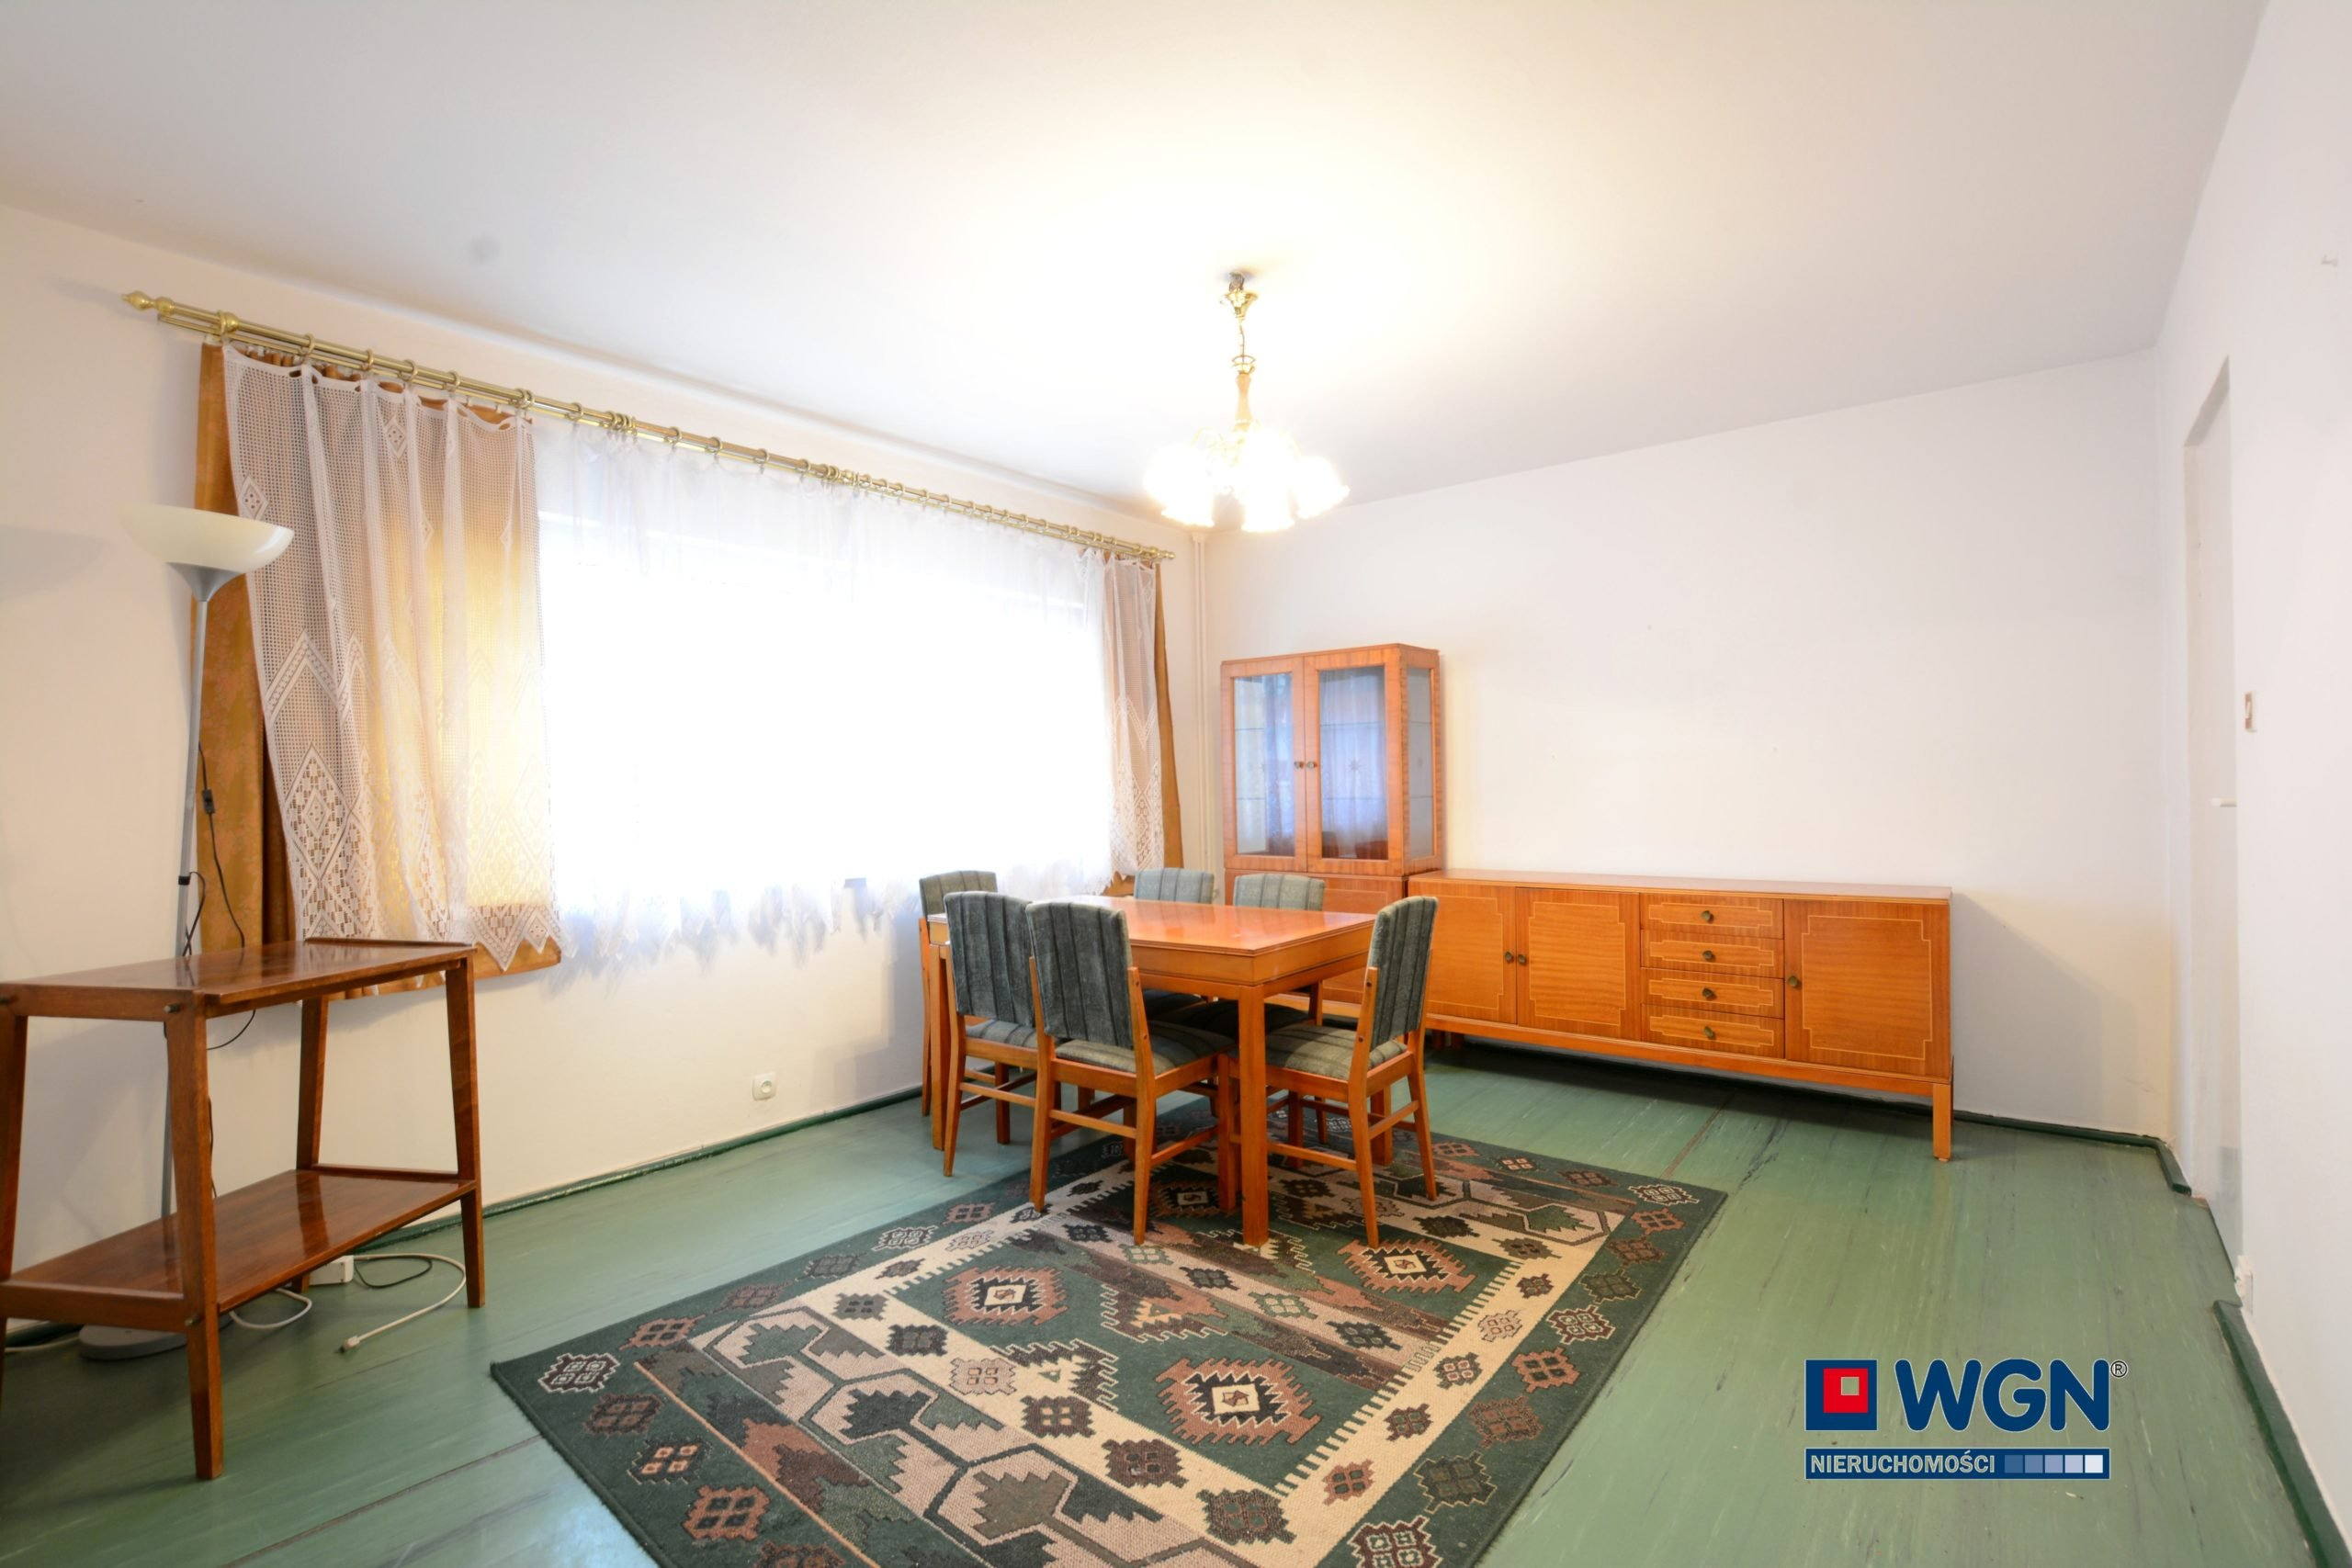 Mieszkanie 3-pokojowe, 48,3 m2, Poznań, Grunwald, ul. Marcelińska